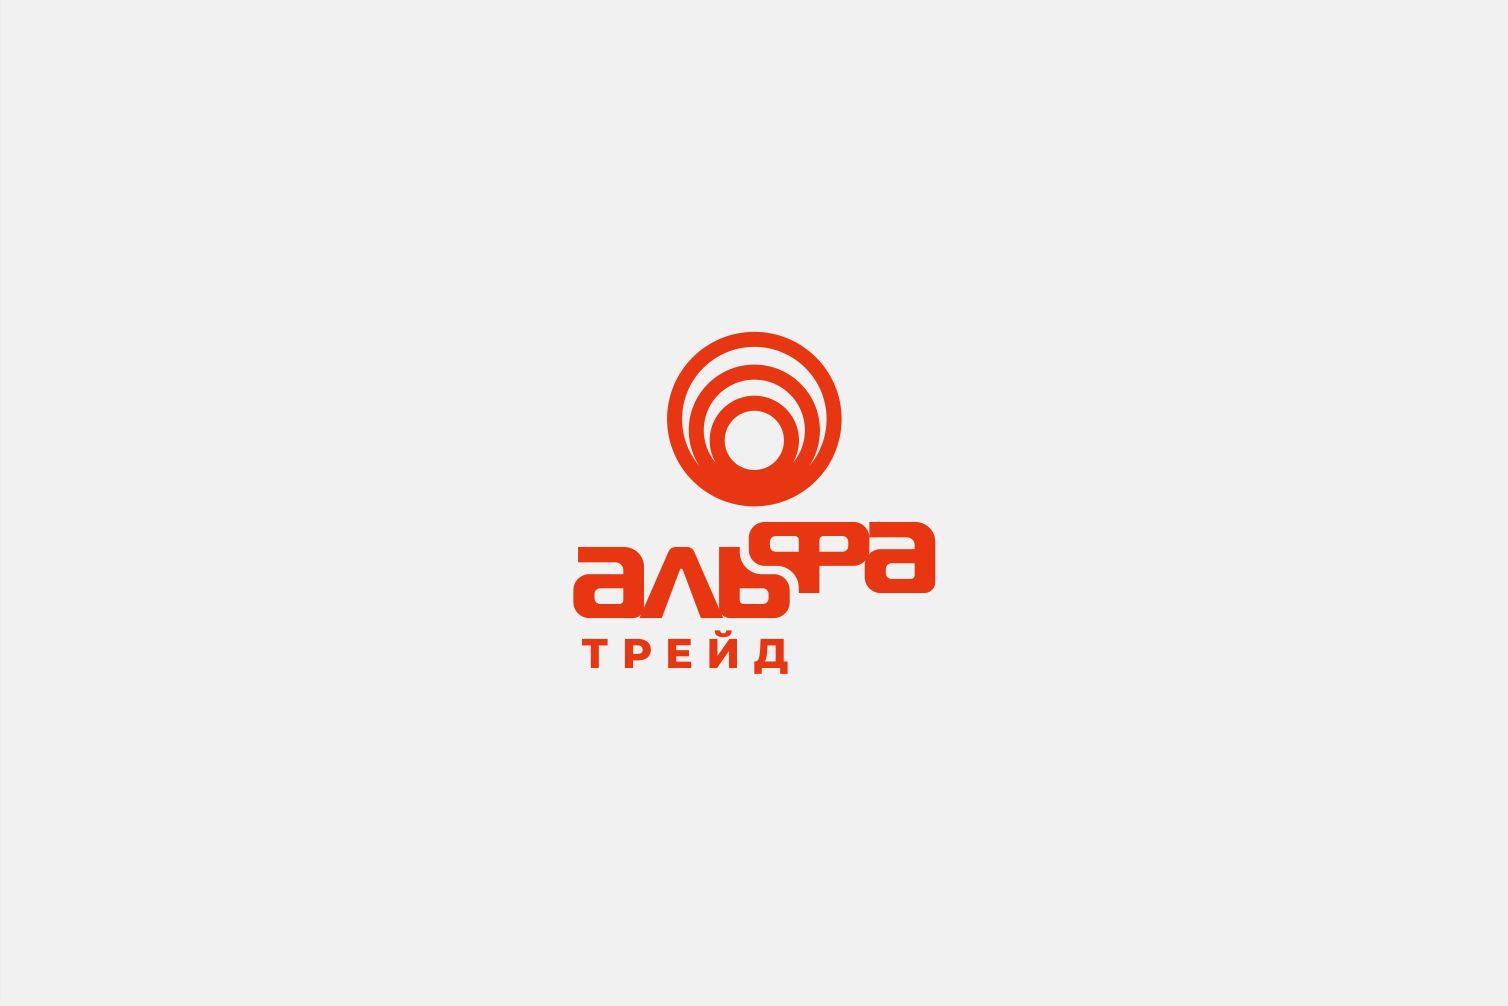 Логотип для АльфаТрейд - дизайнер Zheentoro